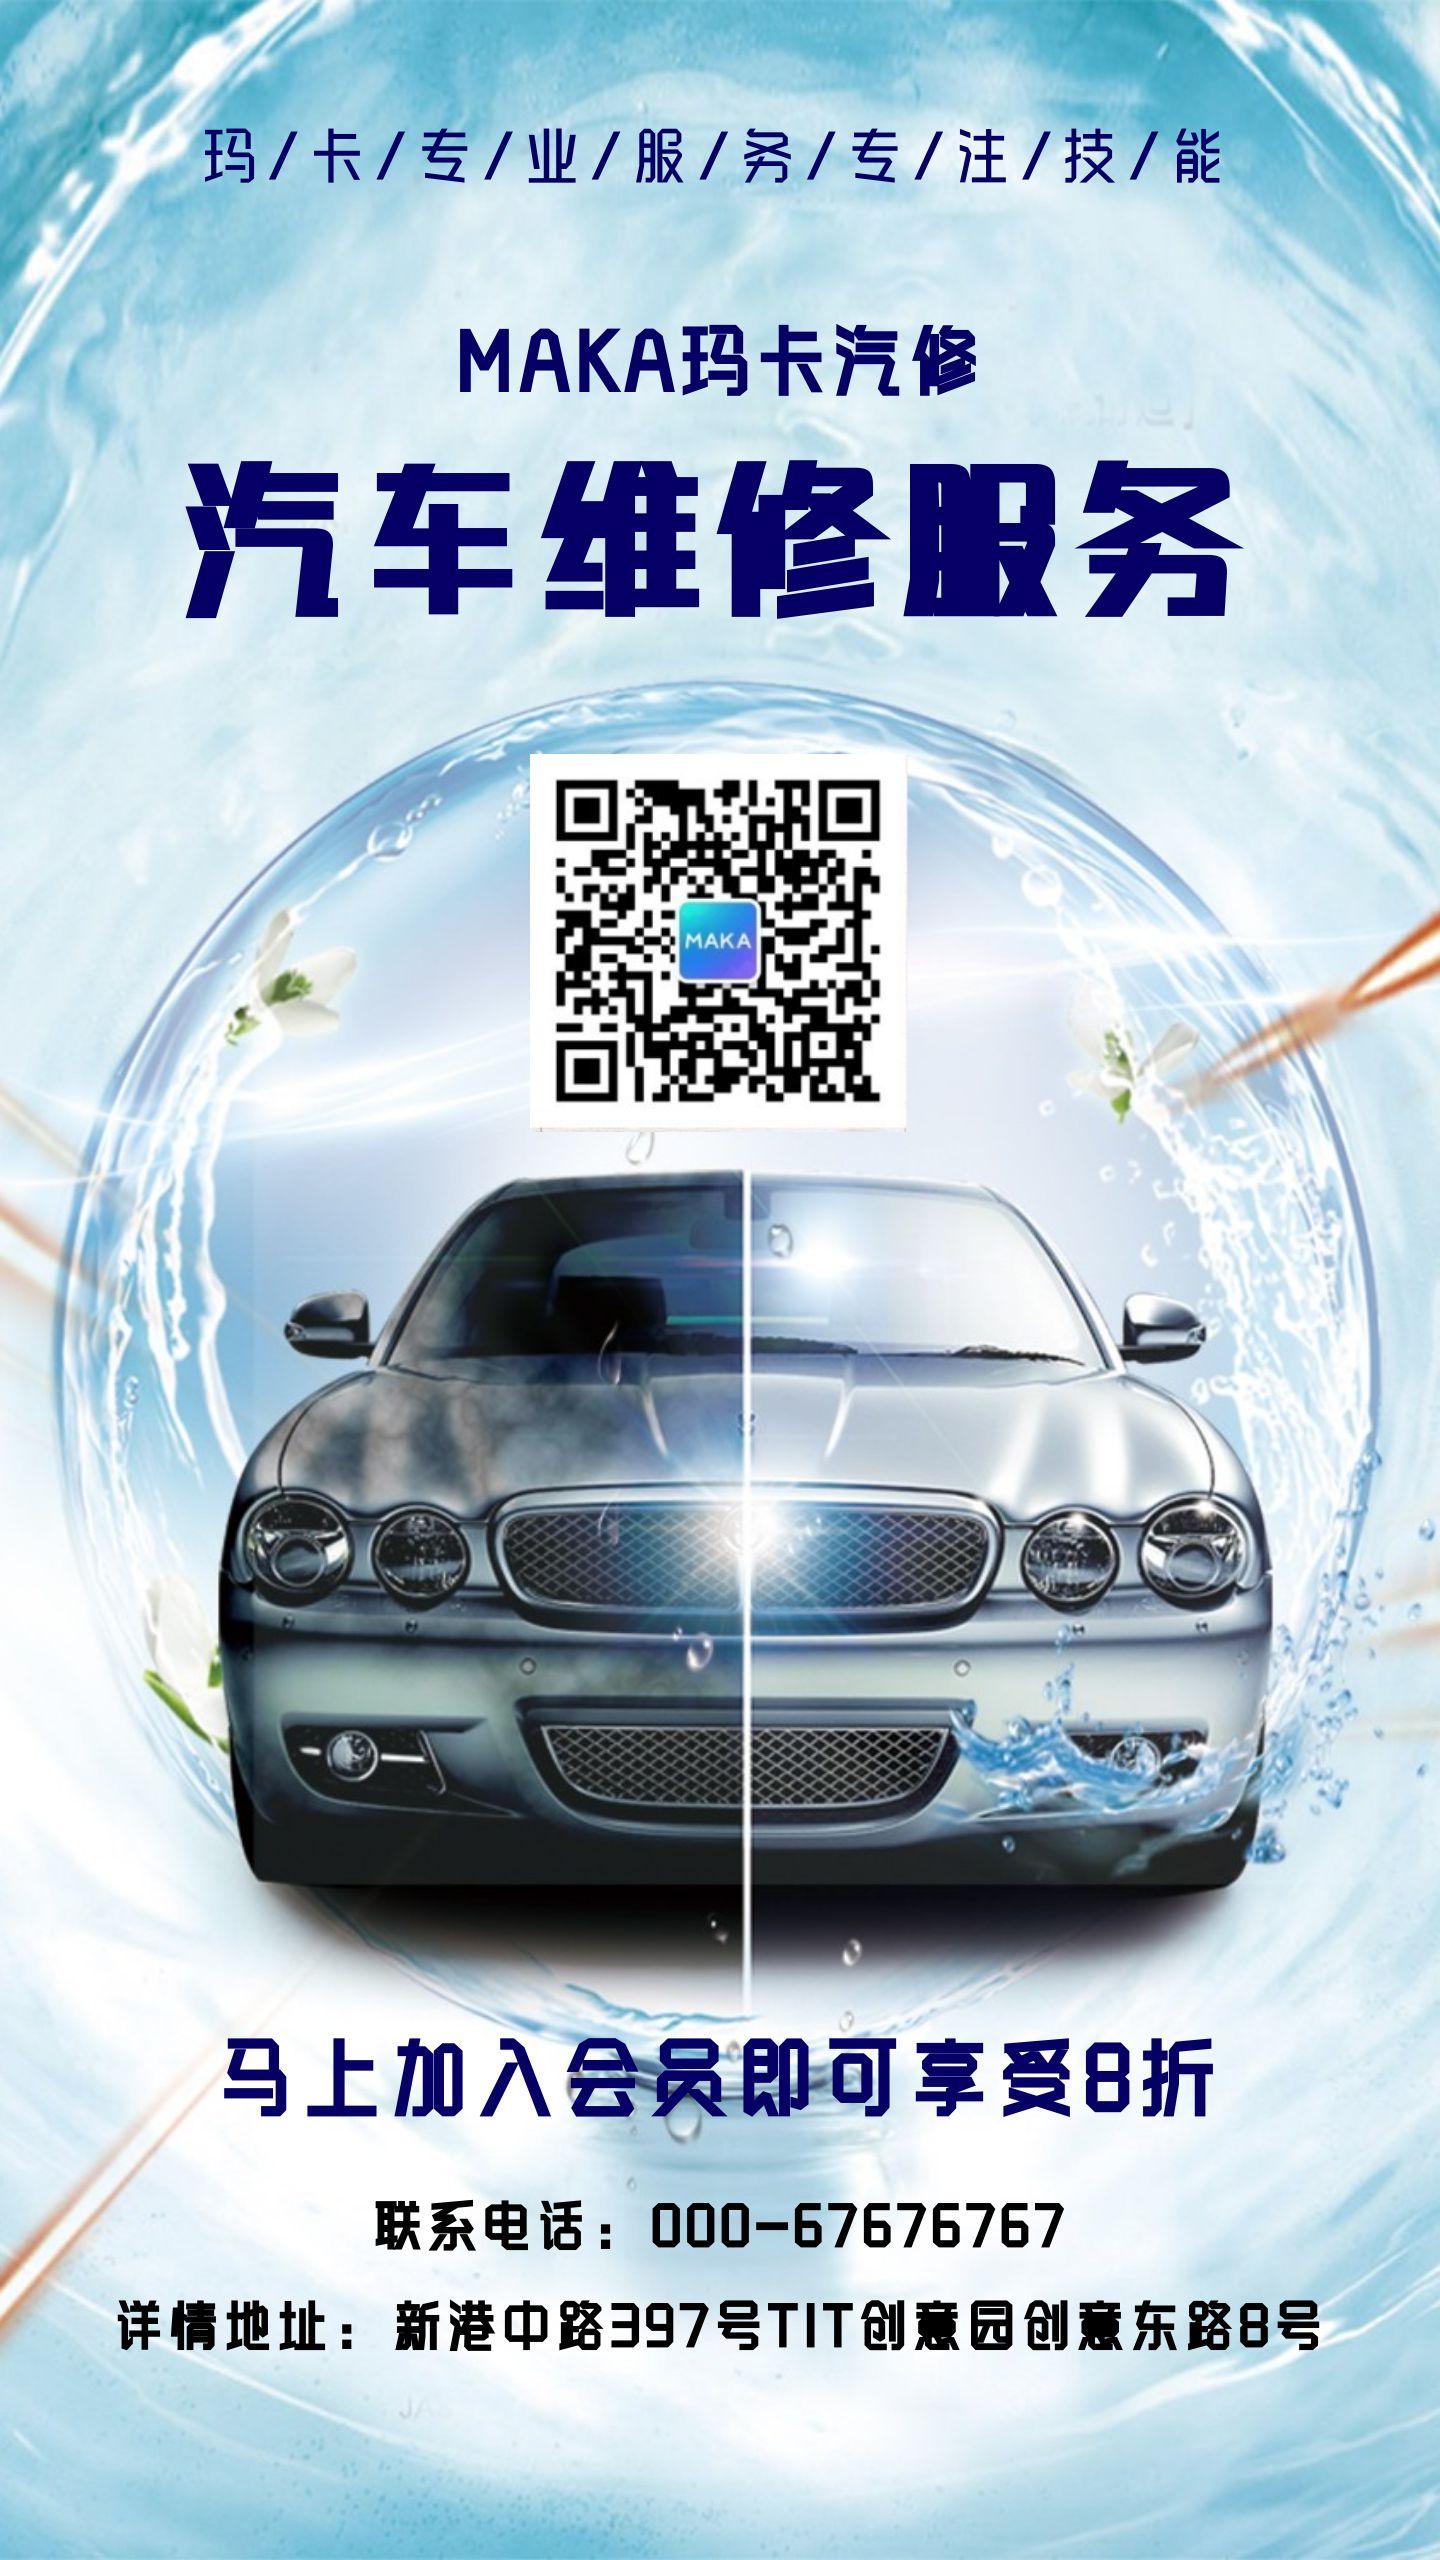 蓝色简约大气汽车维修服务美容养护海报